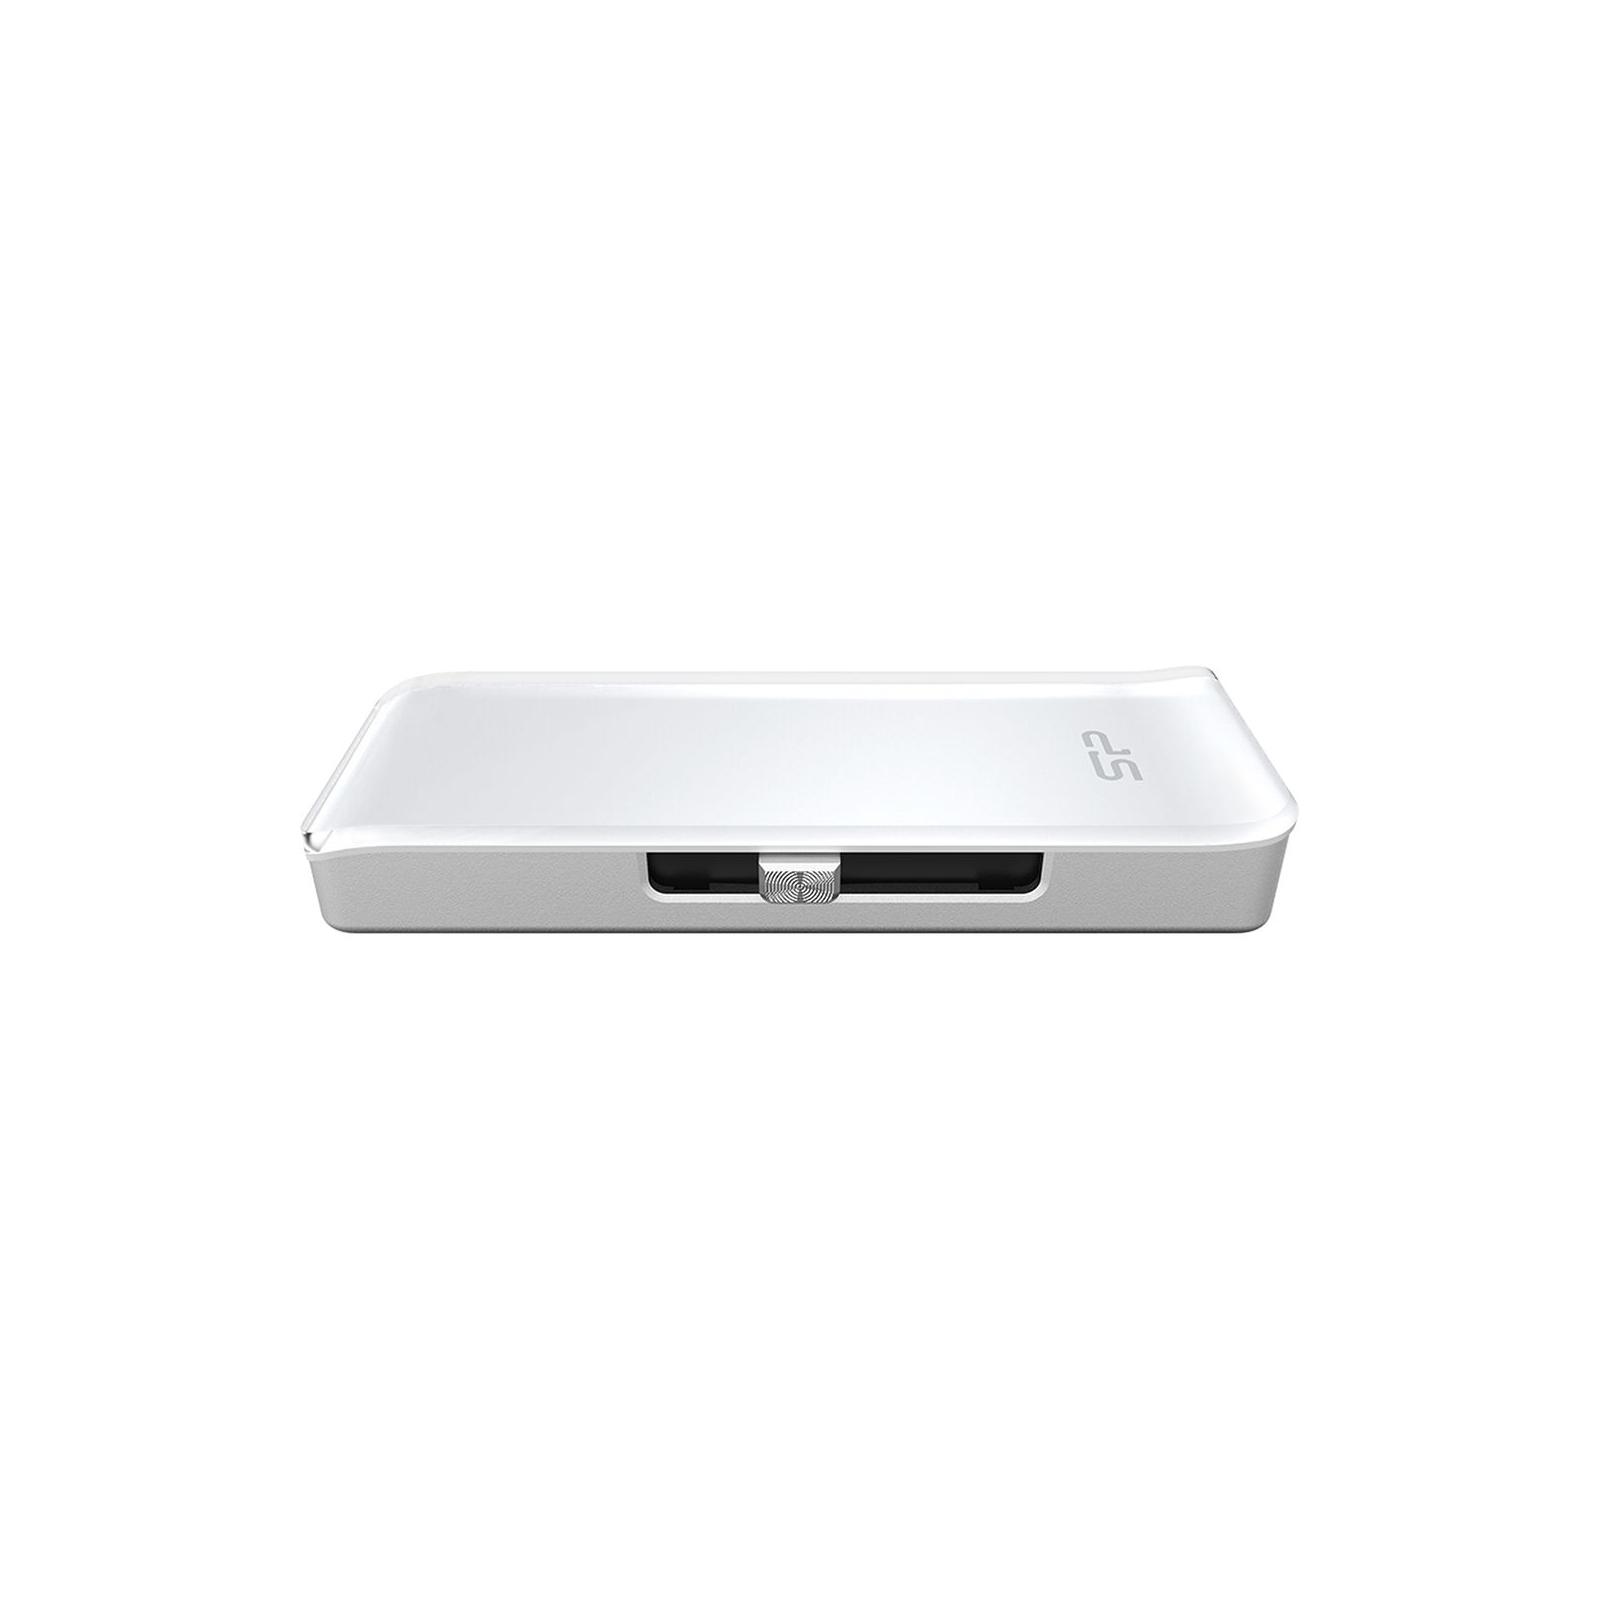 USB флеш накопитель Silicon Power 64GB xDrive Z30 White USB 3.0 (SP064GBLU3Z30V1W)